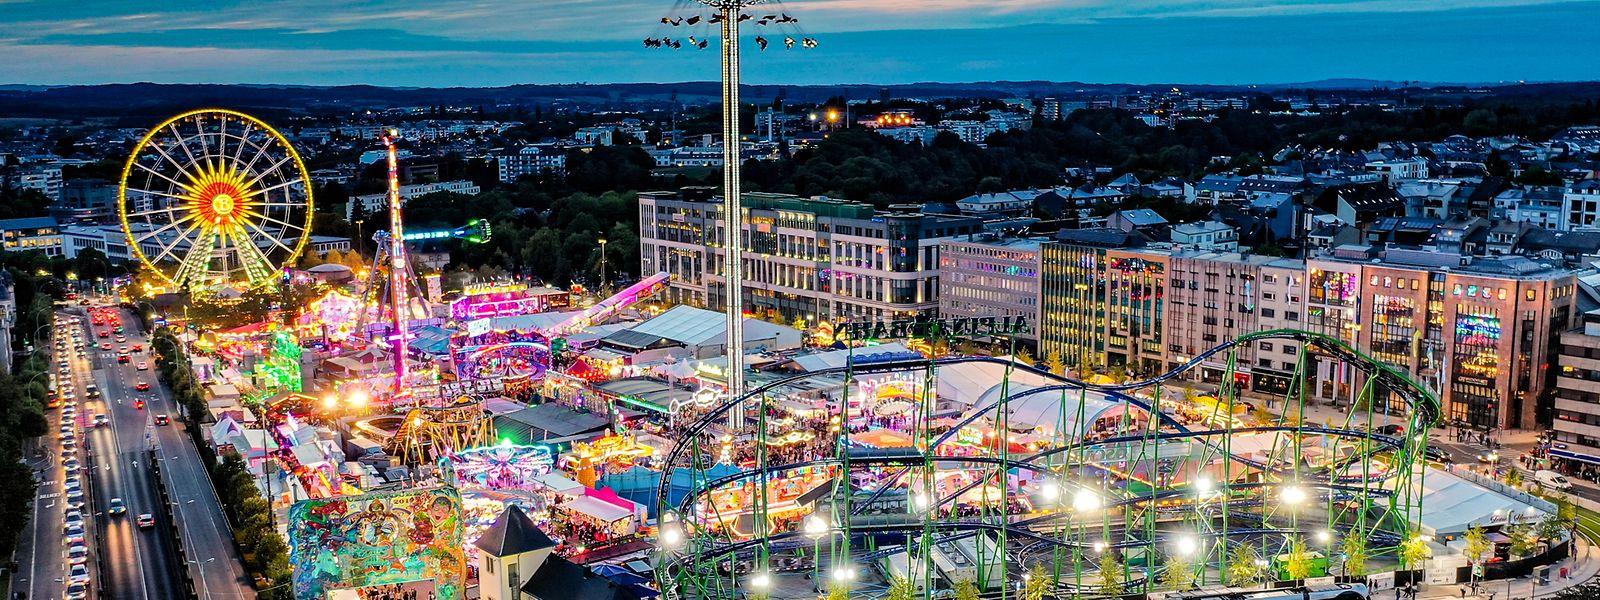 Cerca de dois milhões de pessoas visitam anualmente a Schueberfouer.